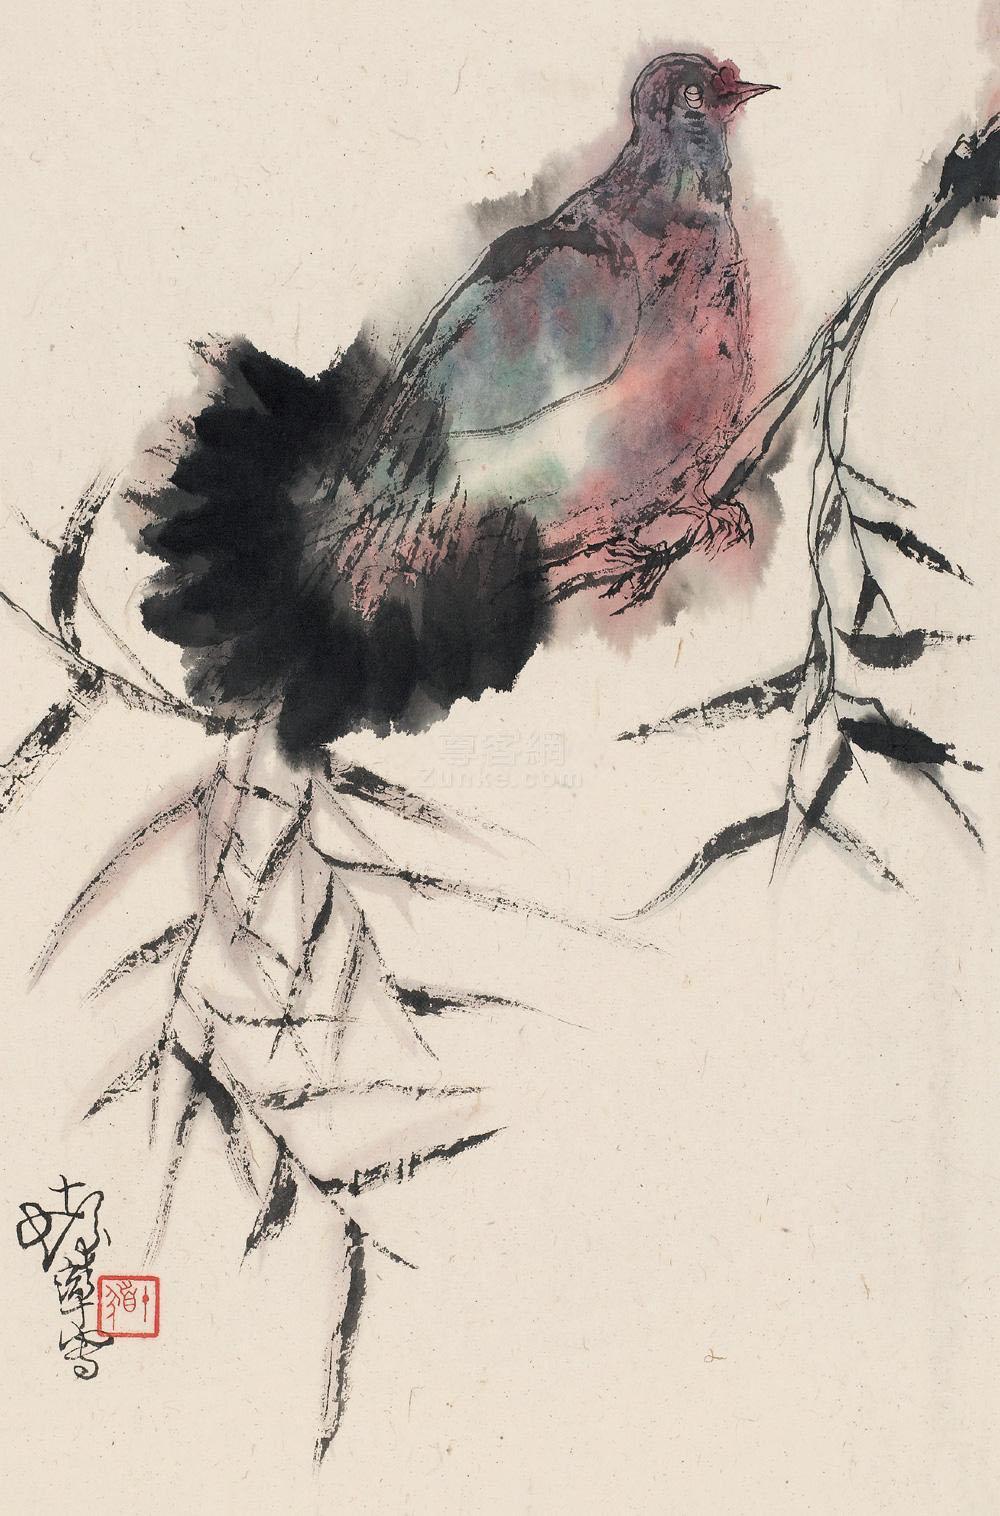 溥儒 书画双挖 扇页 纸本作品欣赏